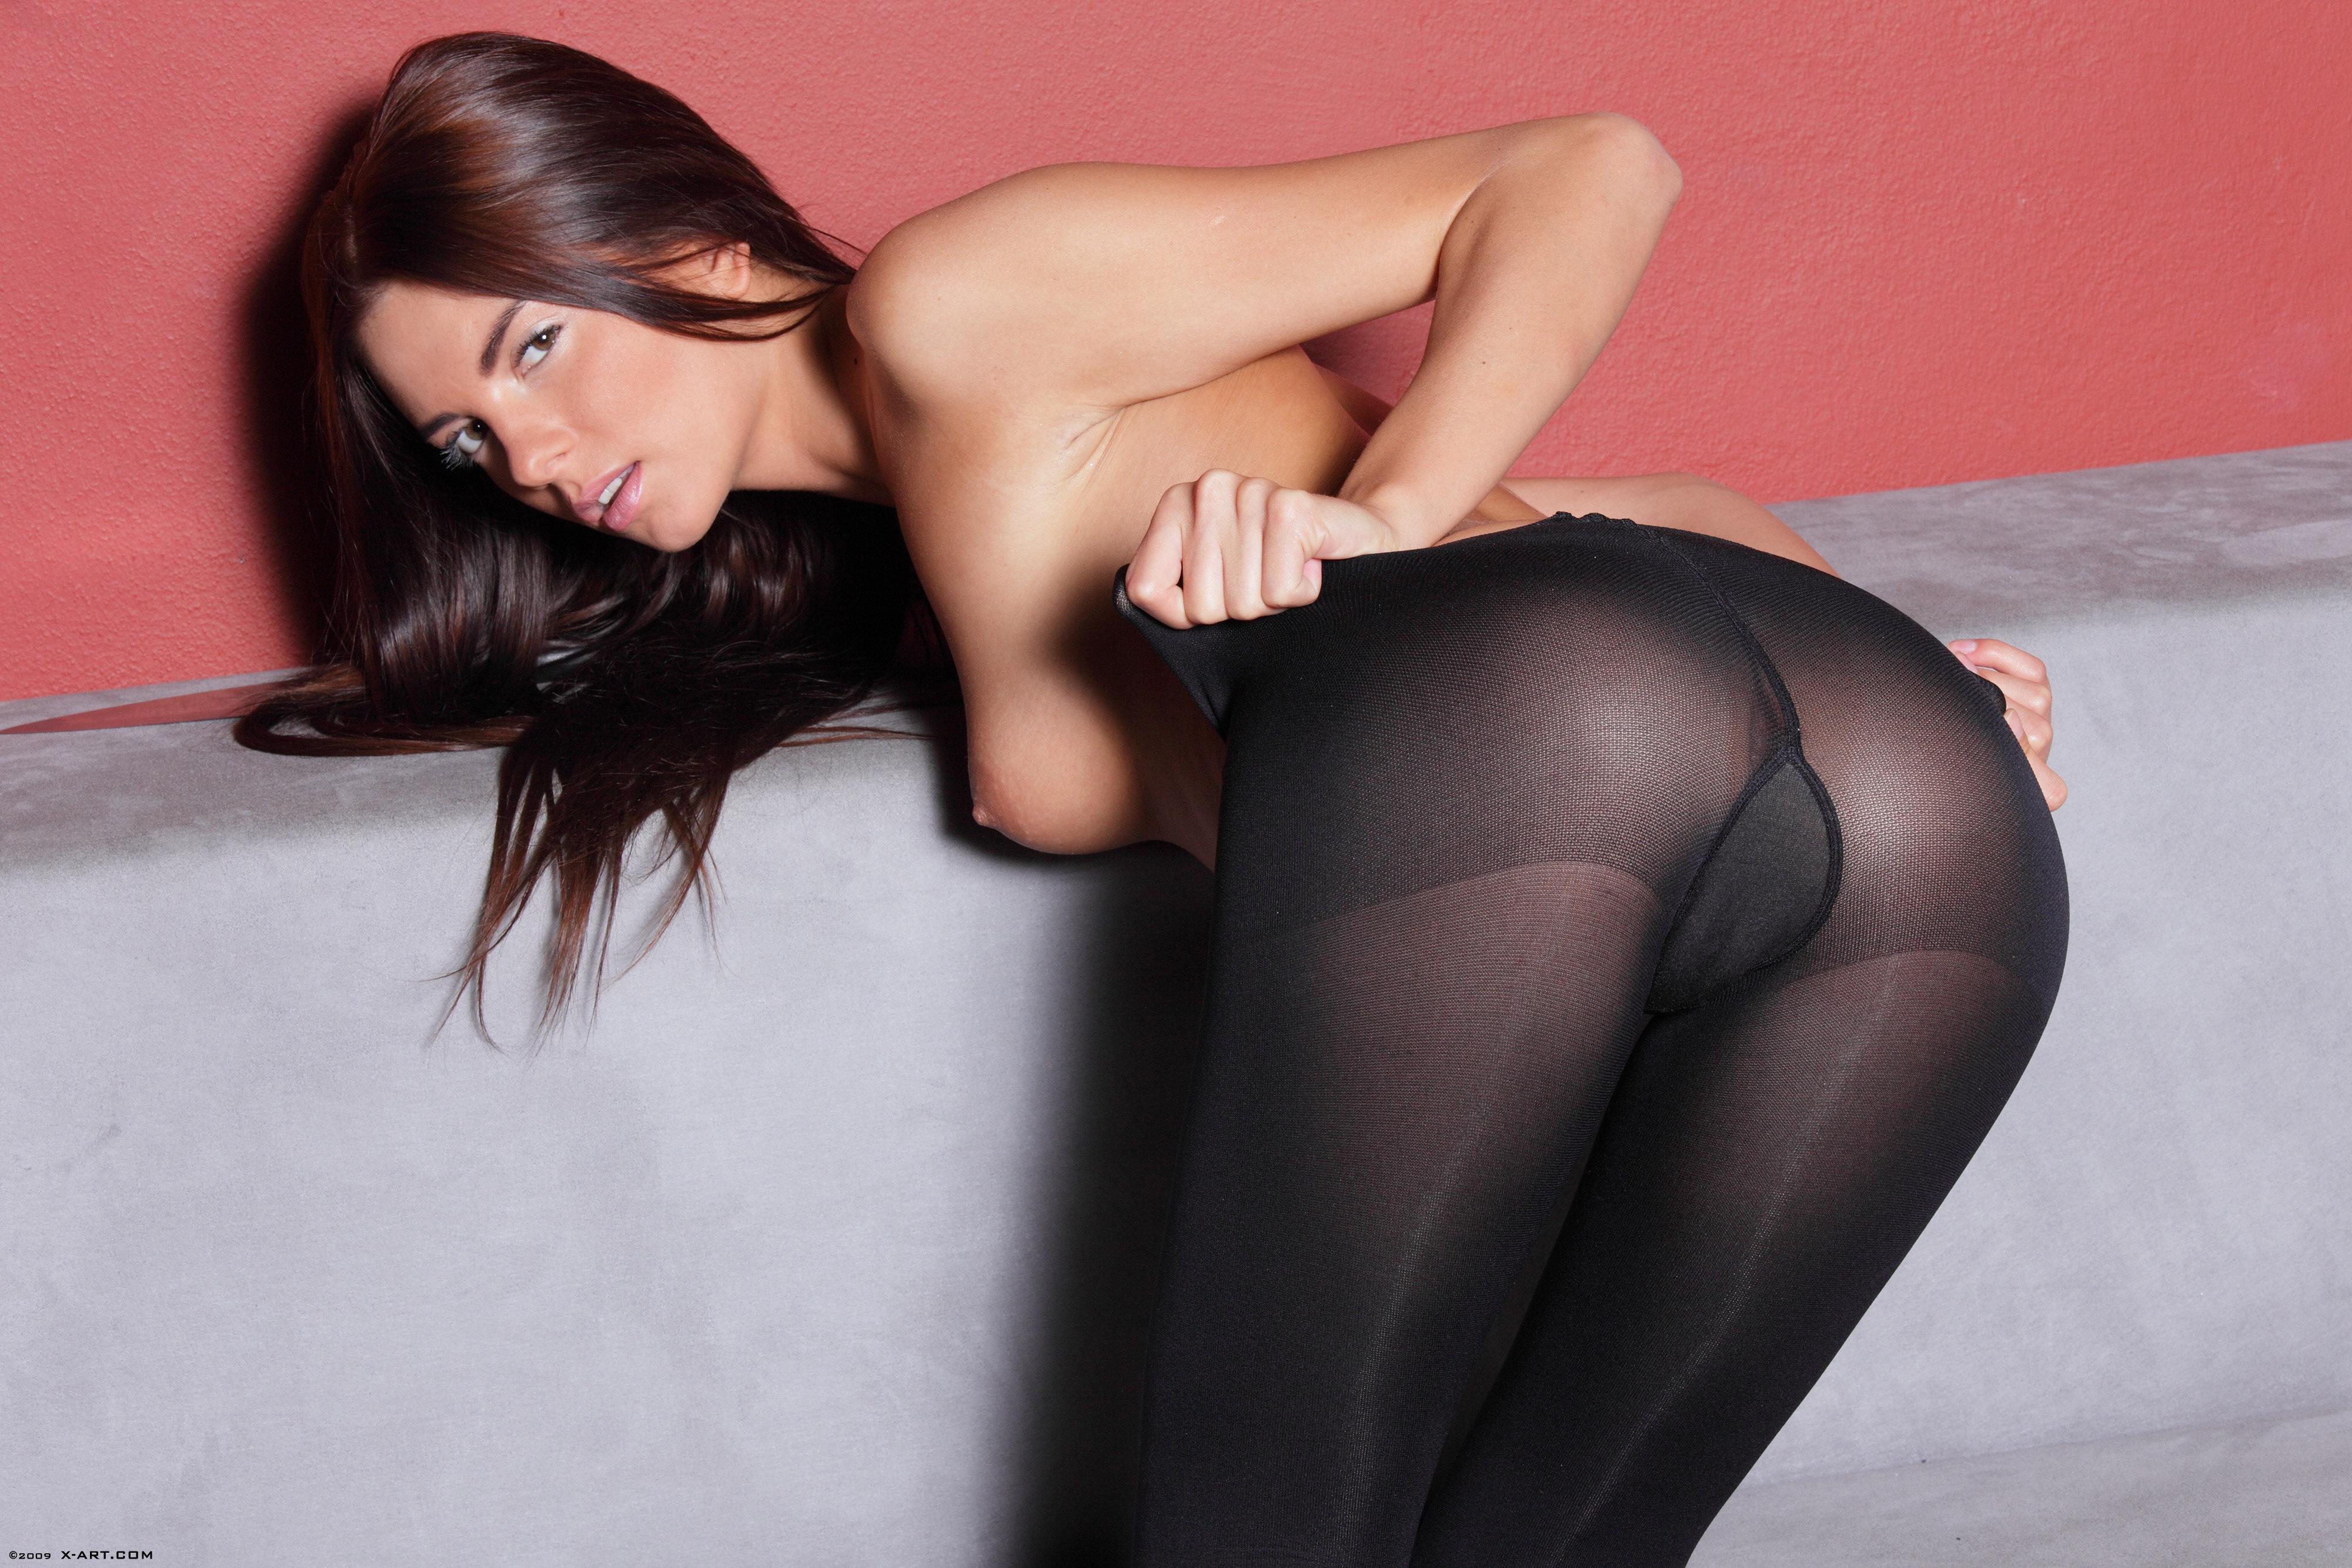 Обои Картинки Фото Девушки Нежные. Девушки Wallpapers Sexy Girls 744